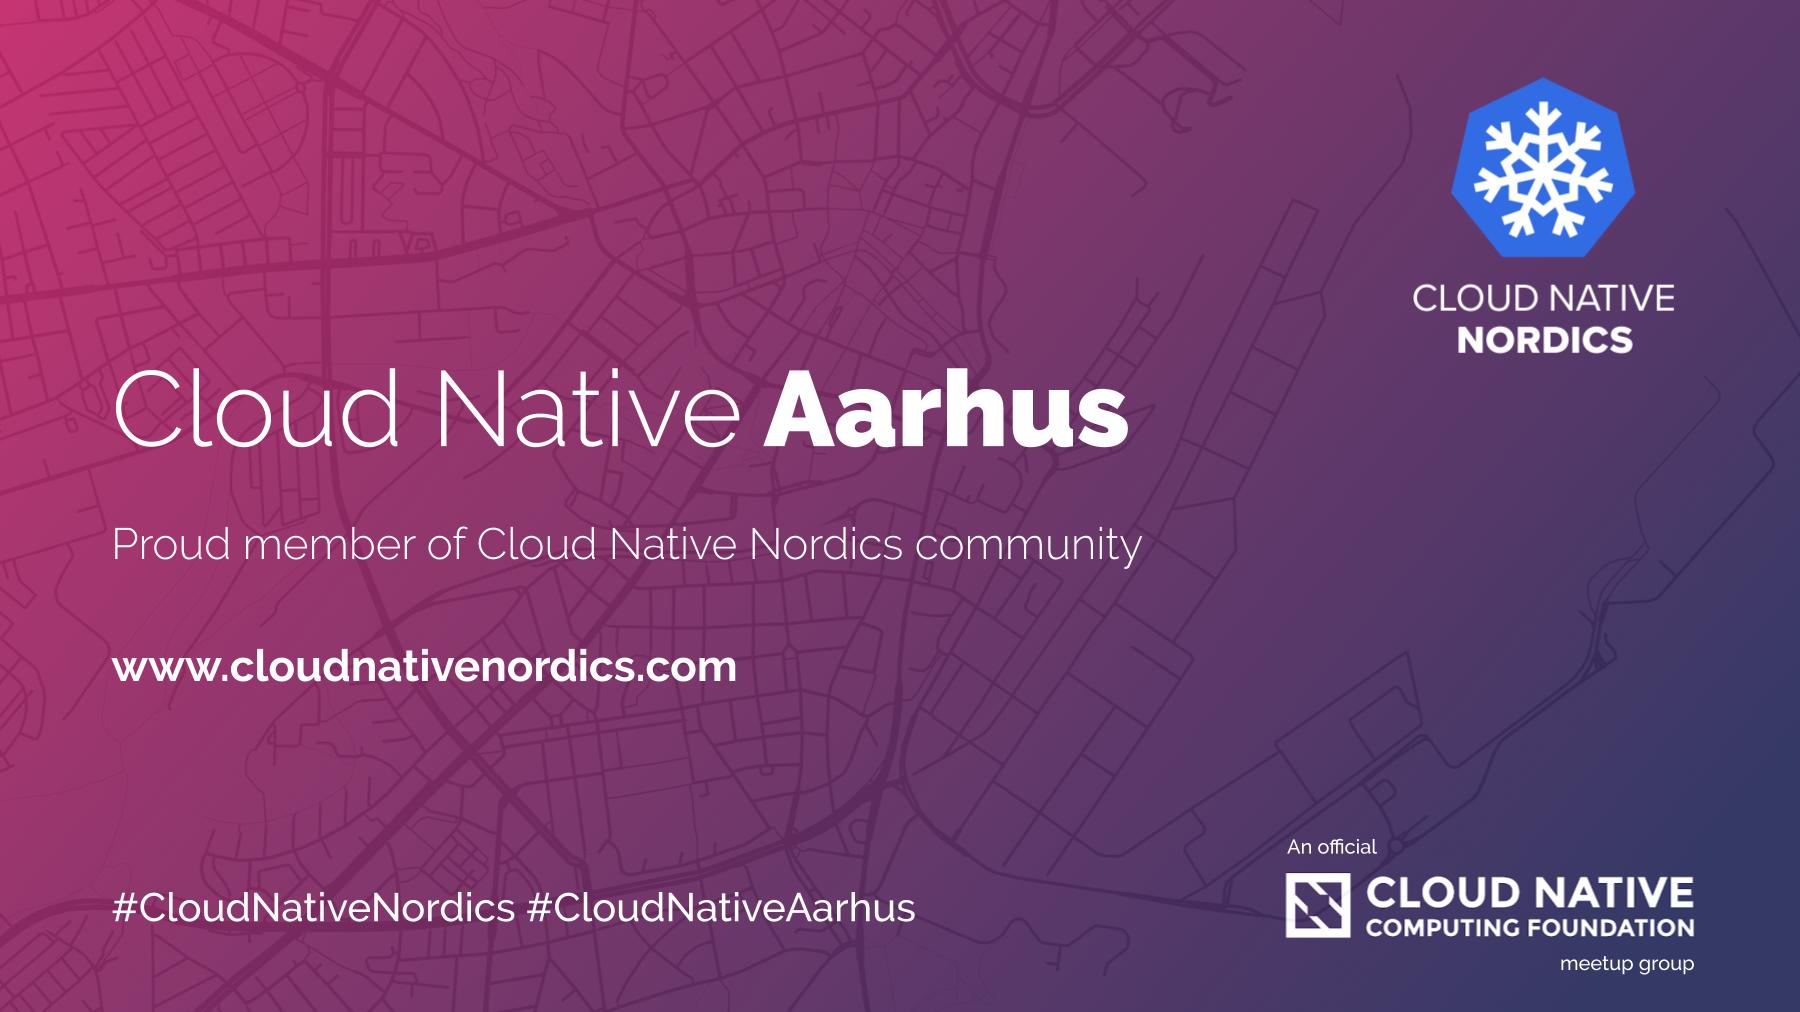 Cloud Native Aarhus